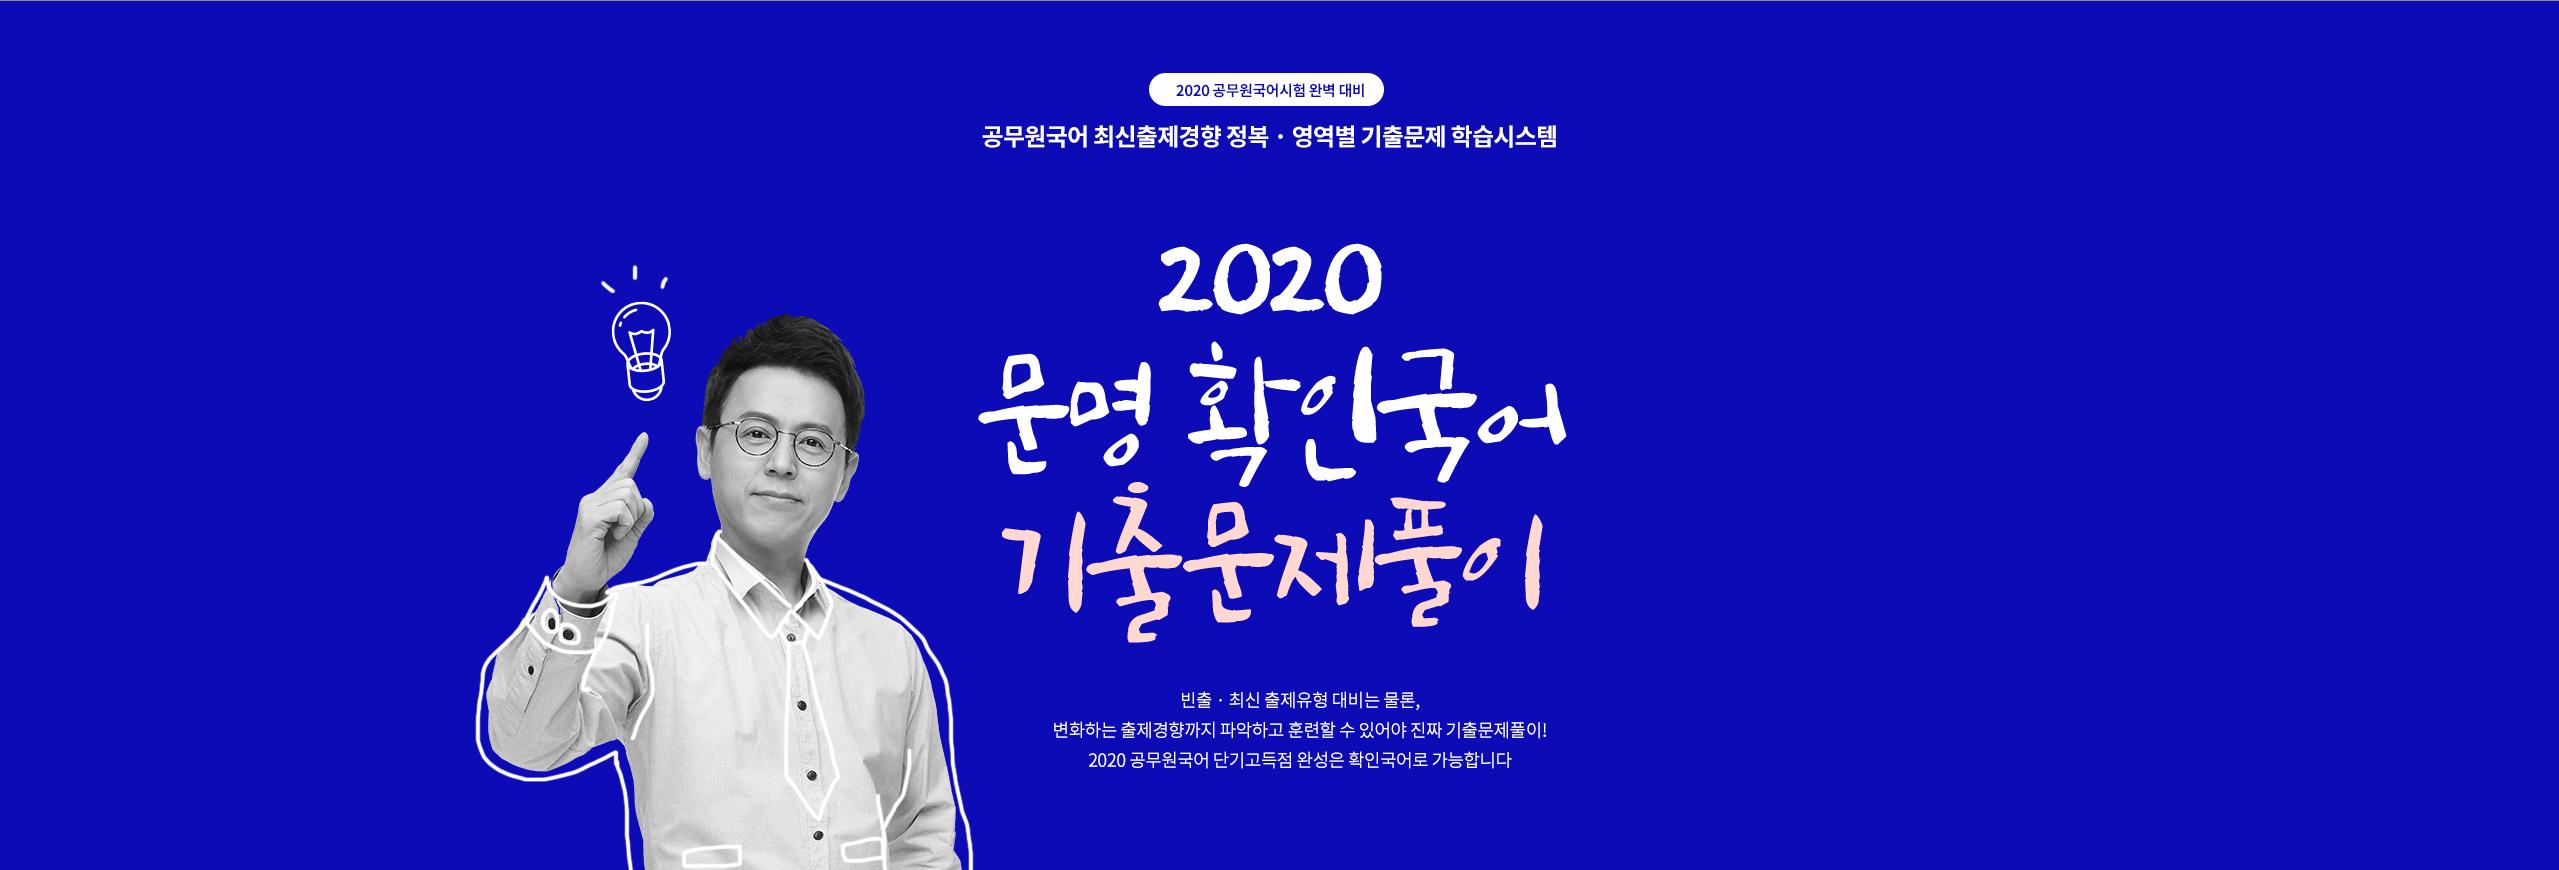 2020문명 확인국어 기출문제풀이